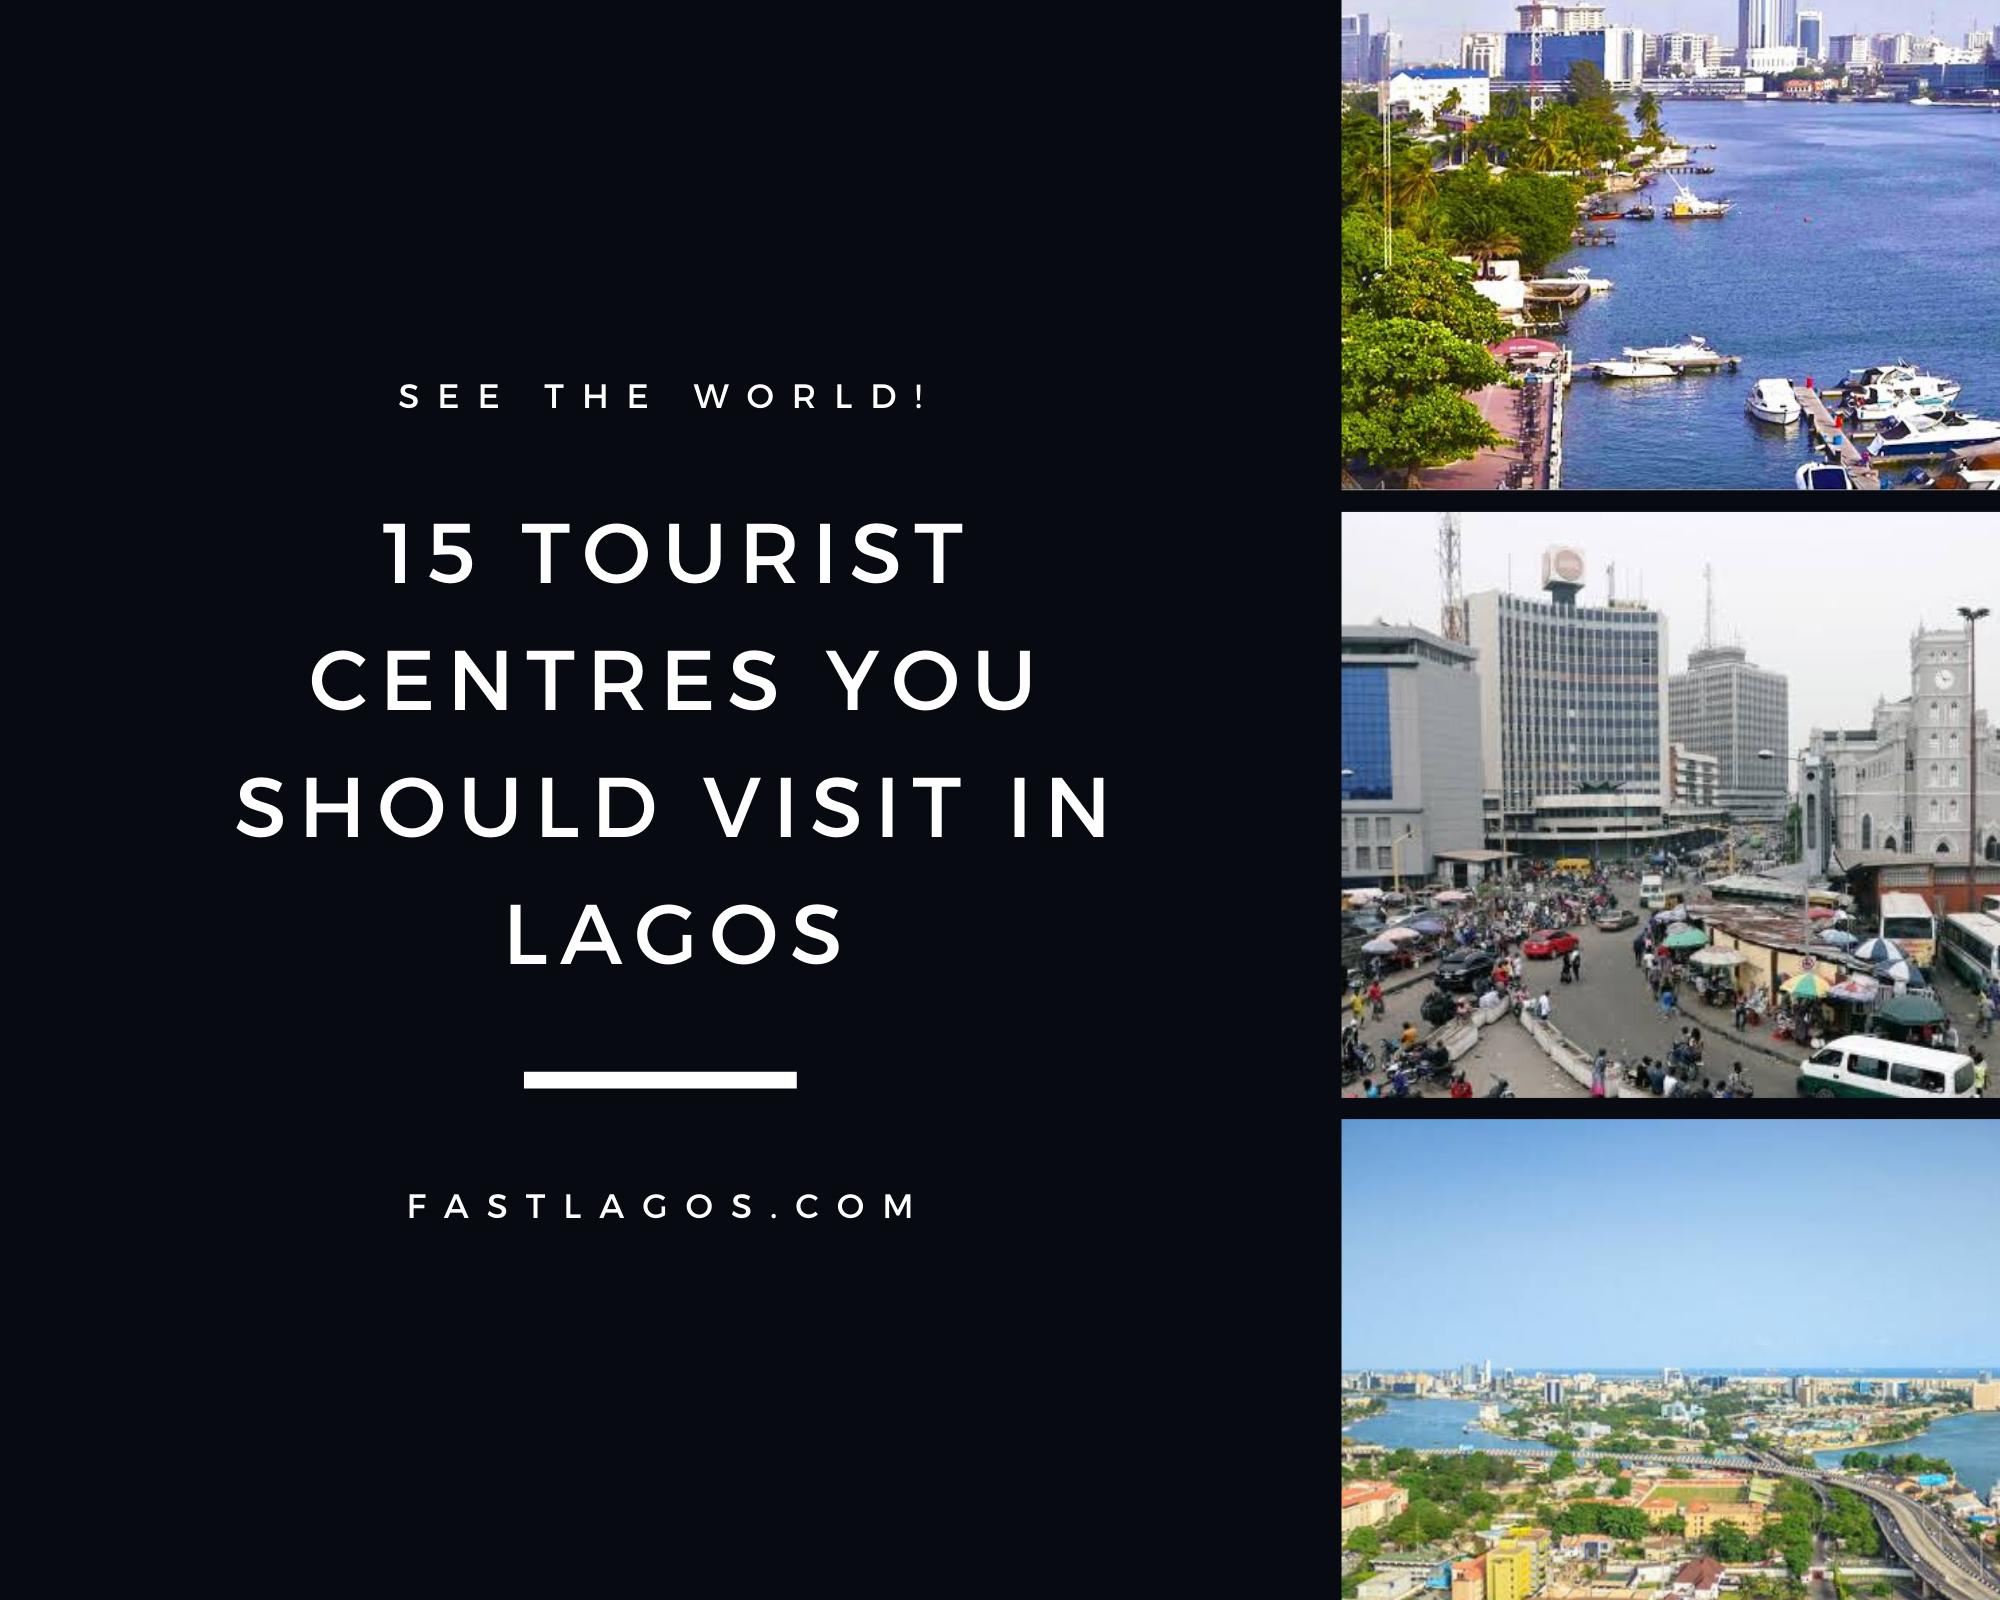 tourist centres in Lagos